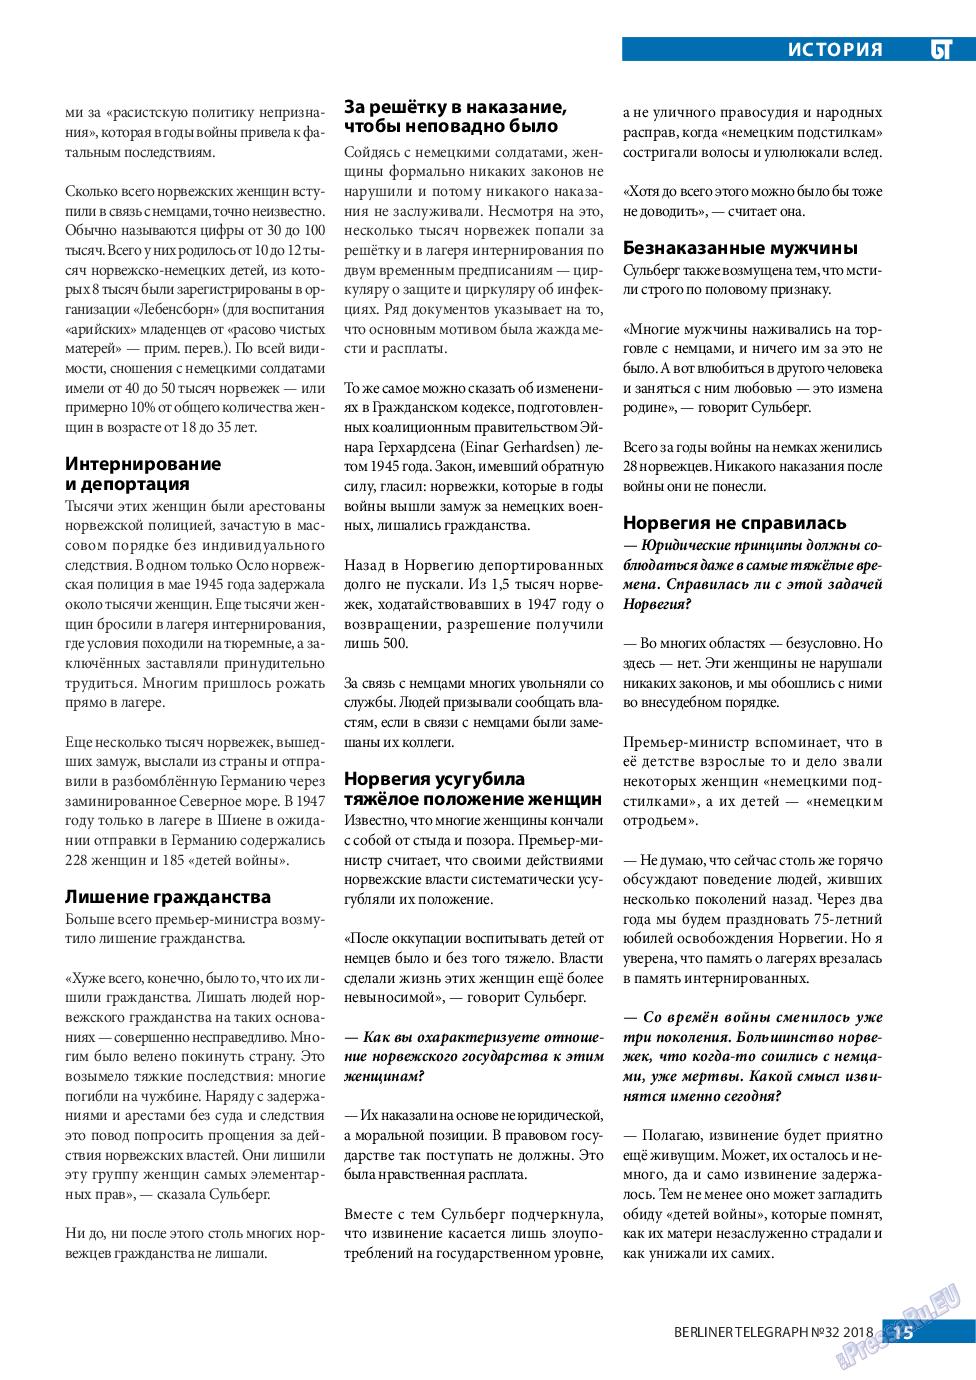 Берлинский телеграф (журнал). 2018 год, номер 32, стр. 15